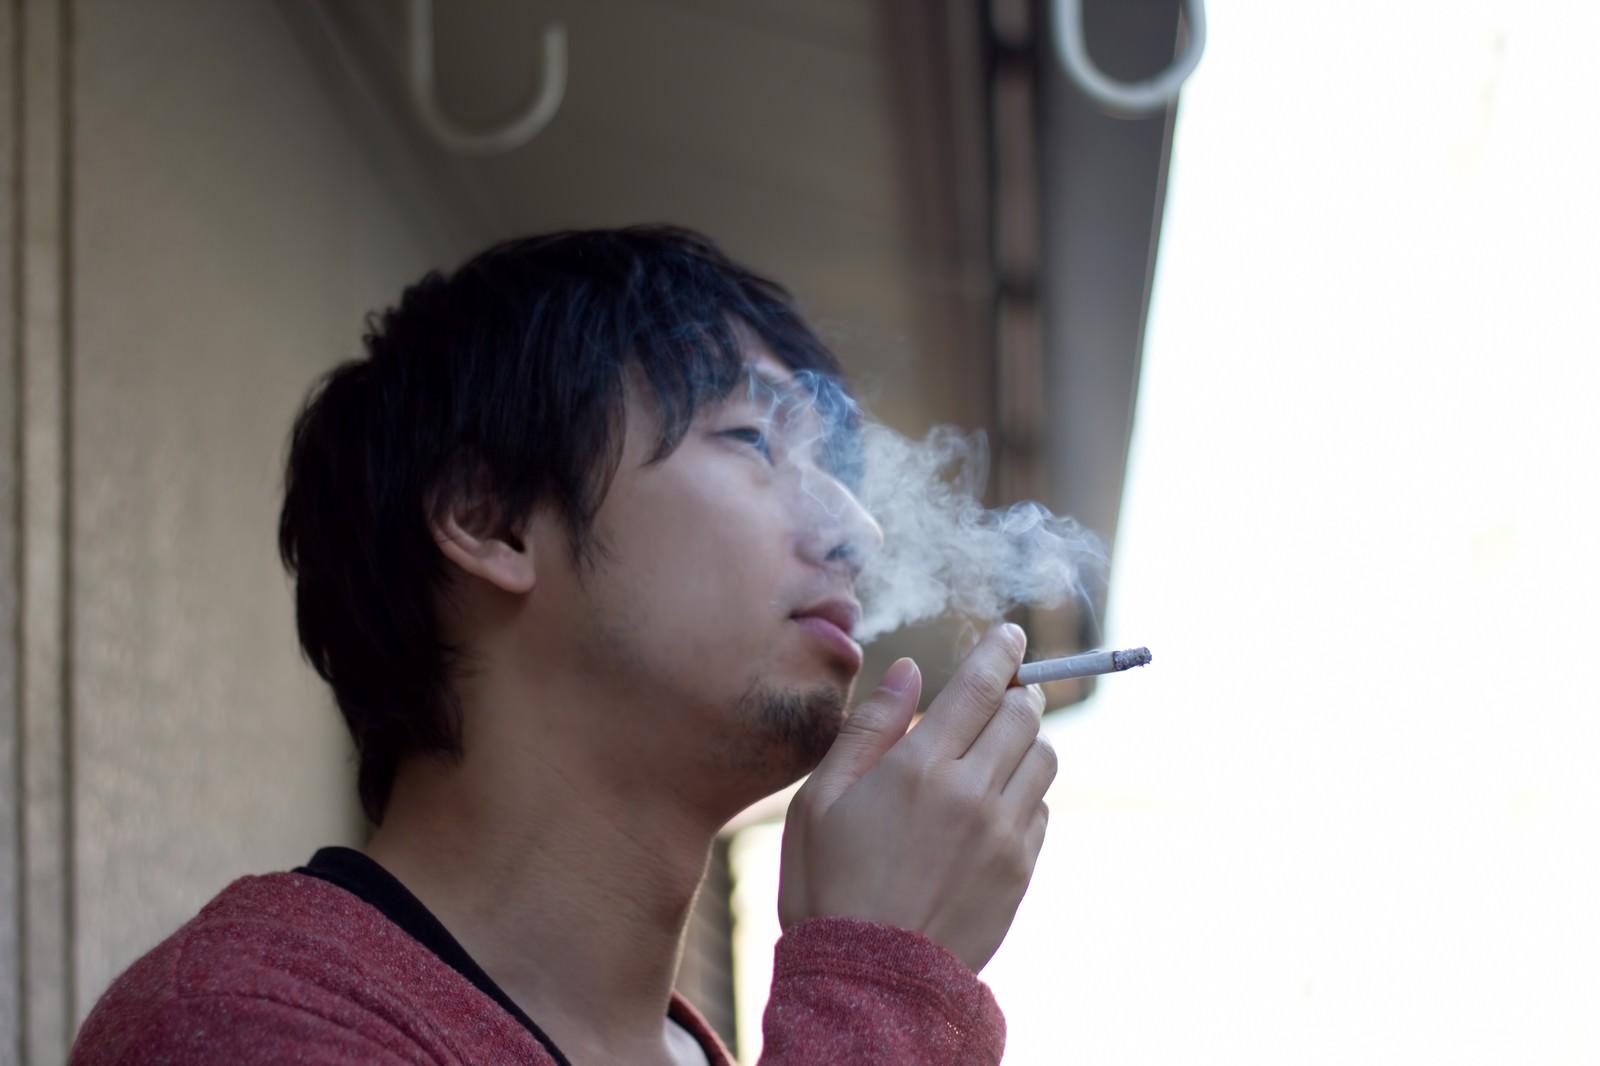 「ベランダで煙草を吸う(煙モクモク)ベランダで煙草を吸う(煙モクモク)」のフリー写真素材を拡大